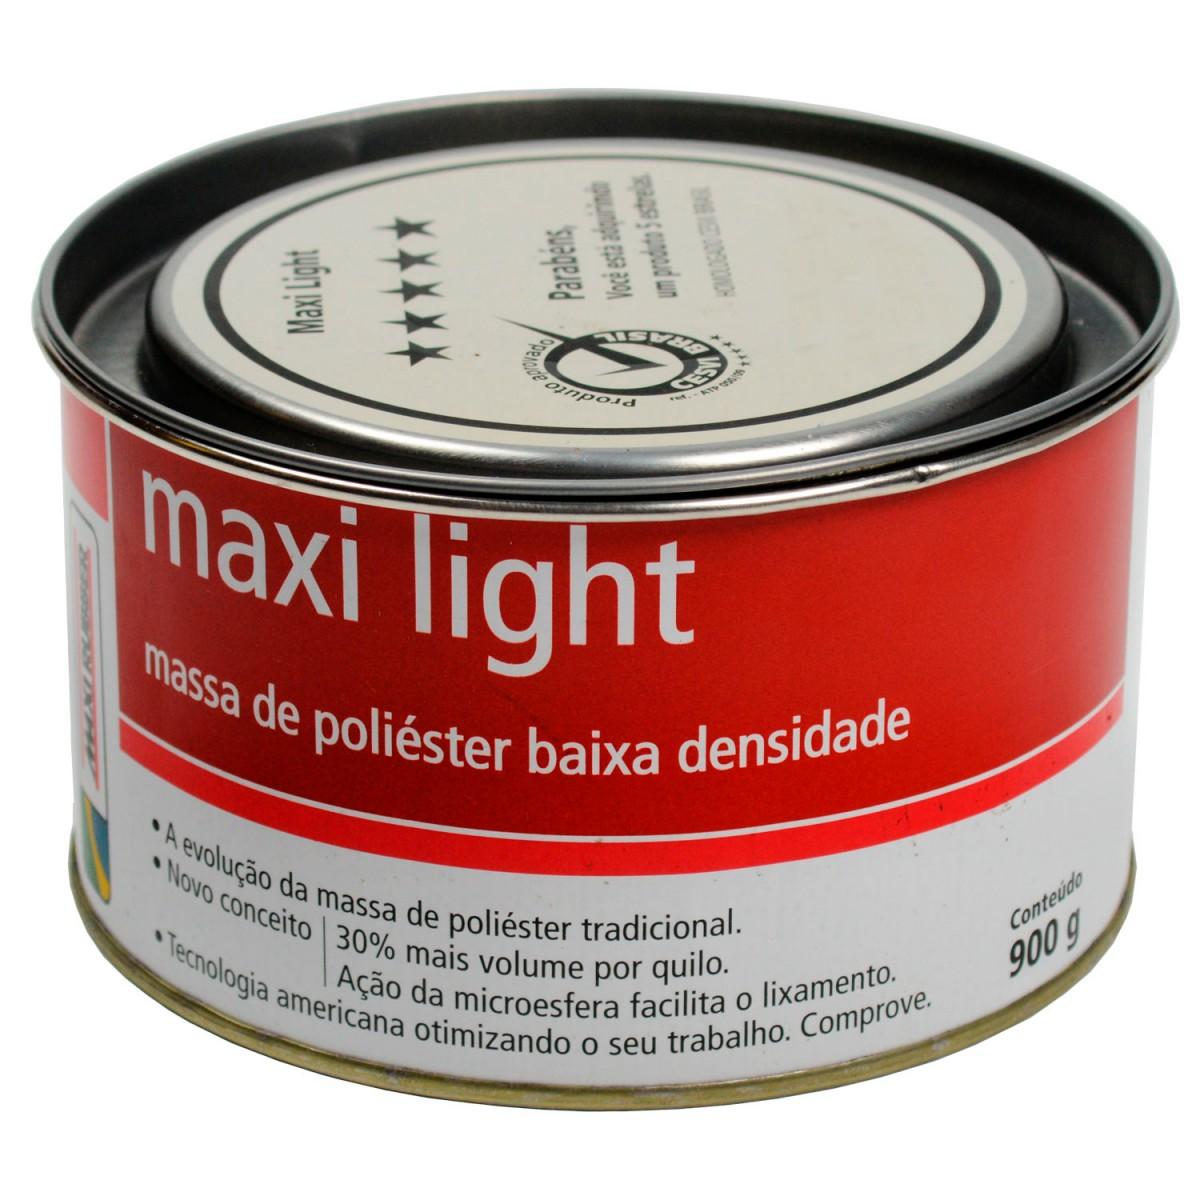 Foto 1 - Massa Poliéster Maxi Light 1mg025 Maxi Rubber 900g (Caixa fechada com 12 unidades)